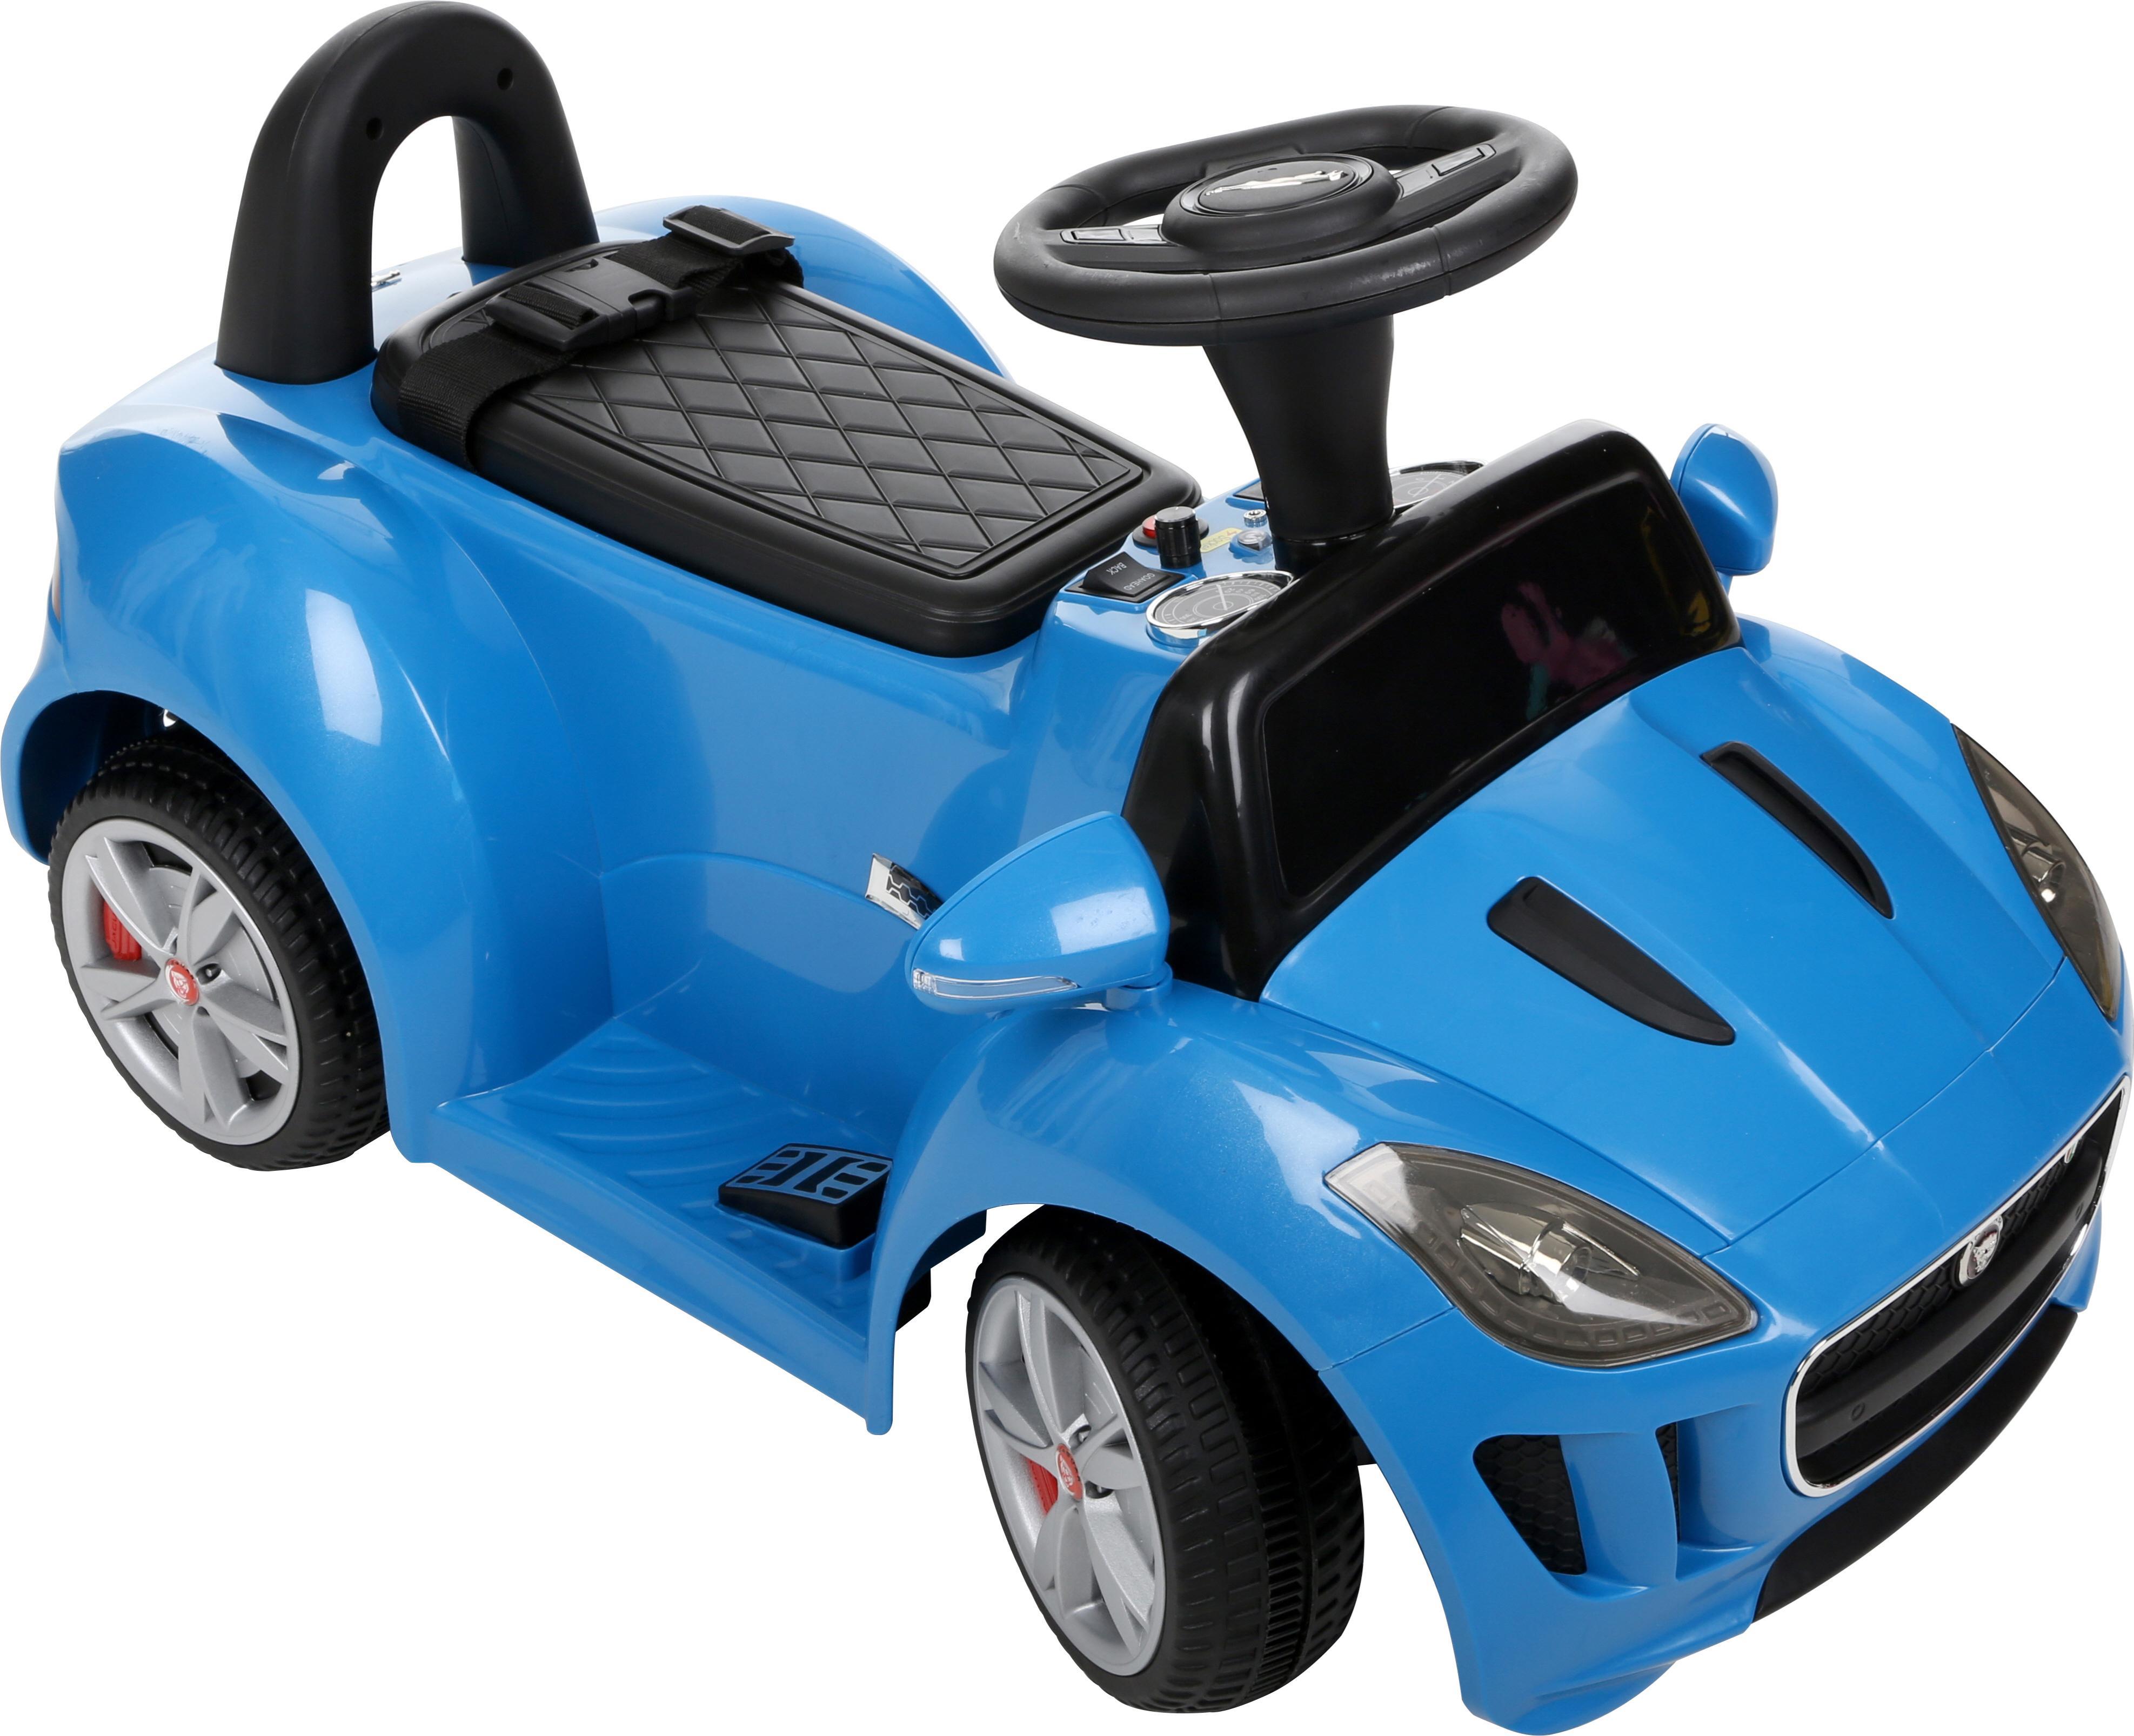 Roadsterz Volt 6V Electric Quad £29 / Jaguar F-Type Electric / Land Rover Defender 6v Electric Ride on Car - £39 @ Halfords (Free C&C)